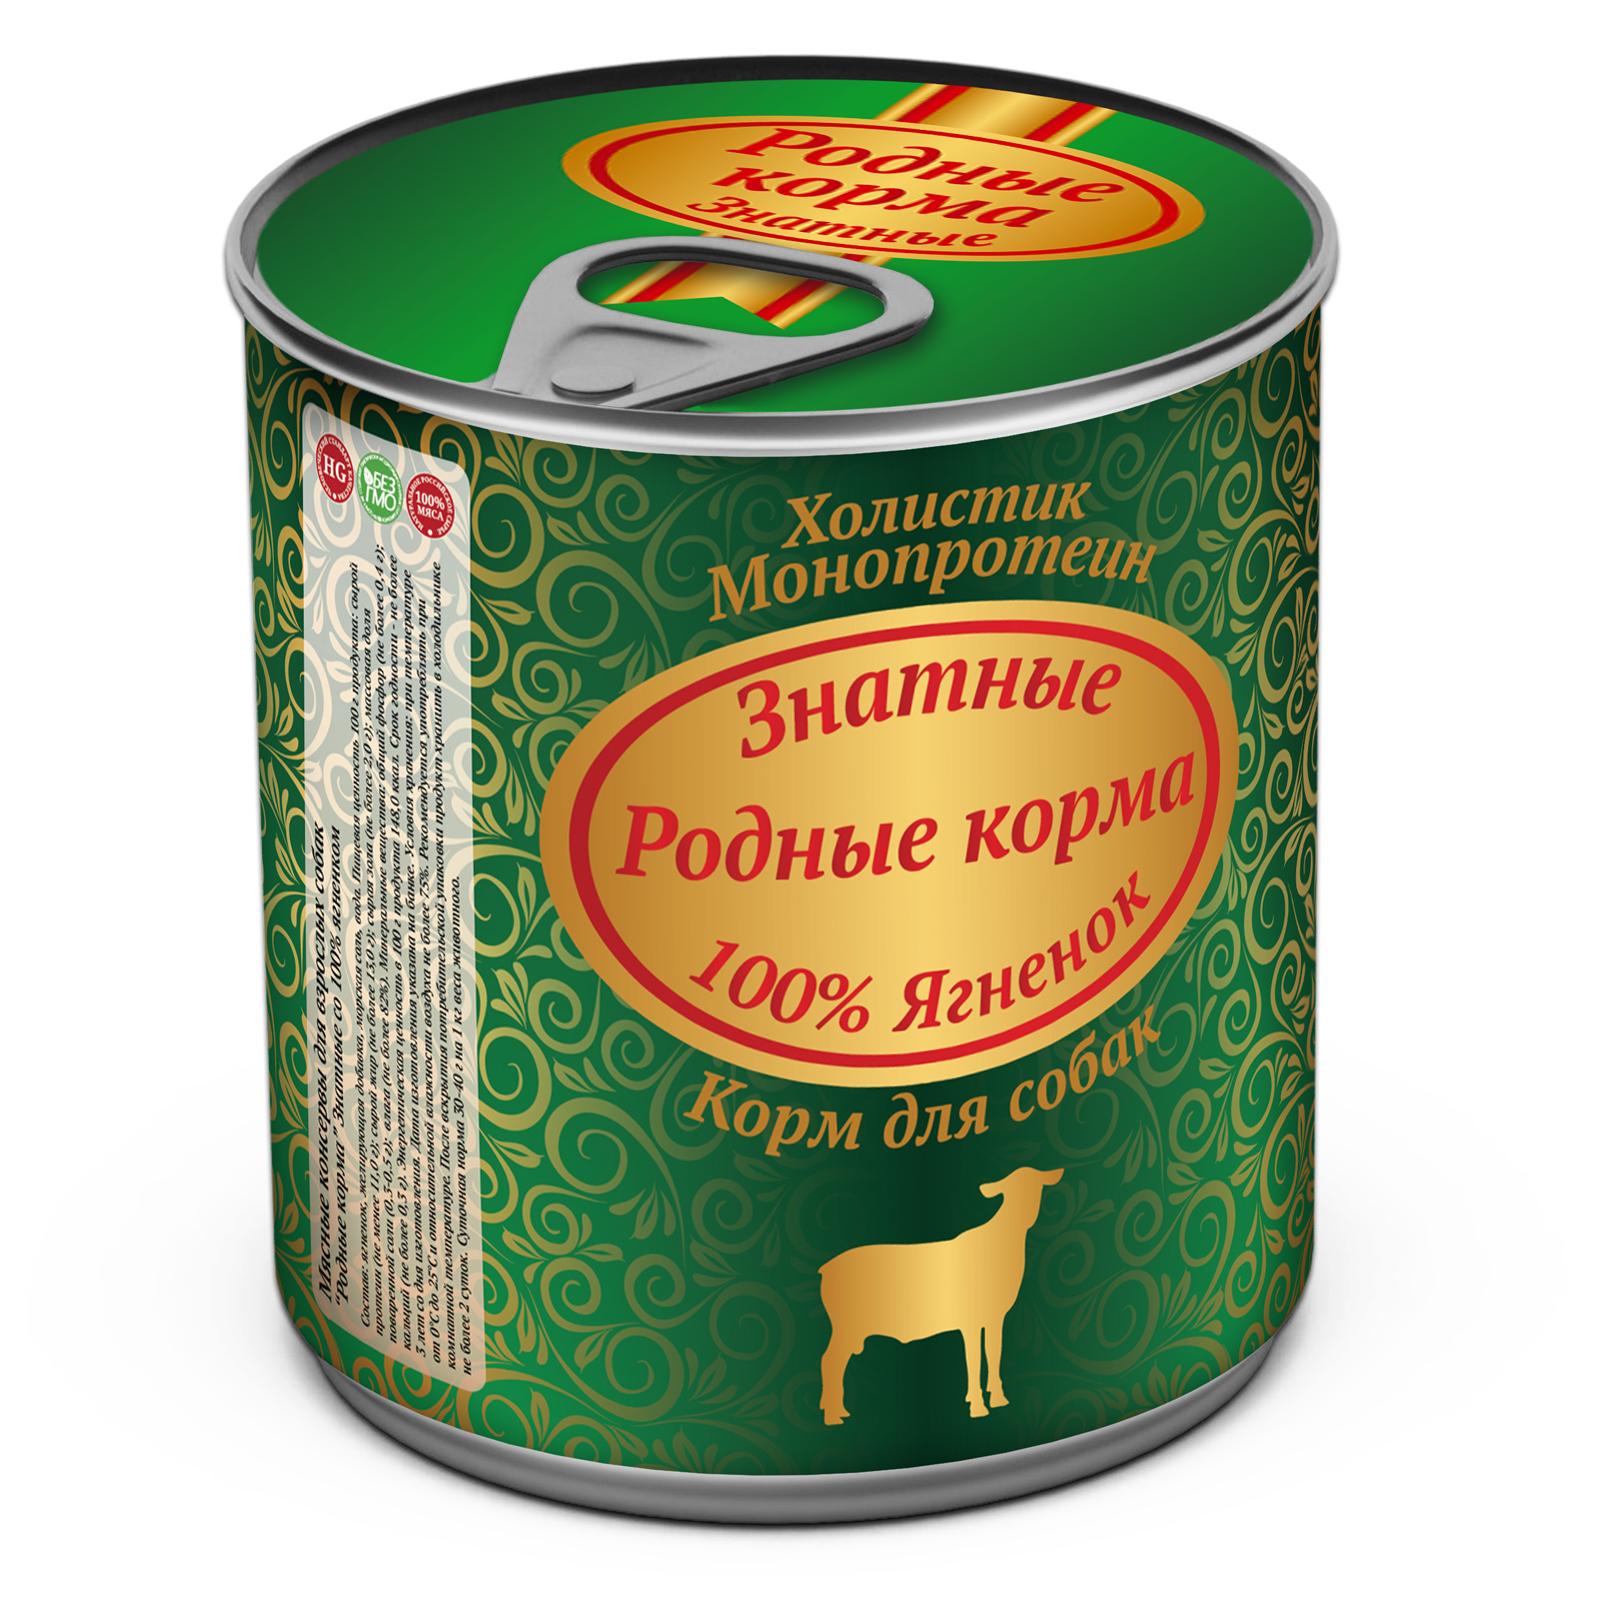 Консервы для собак Родные корма Знатные, ягненок, 340г